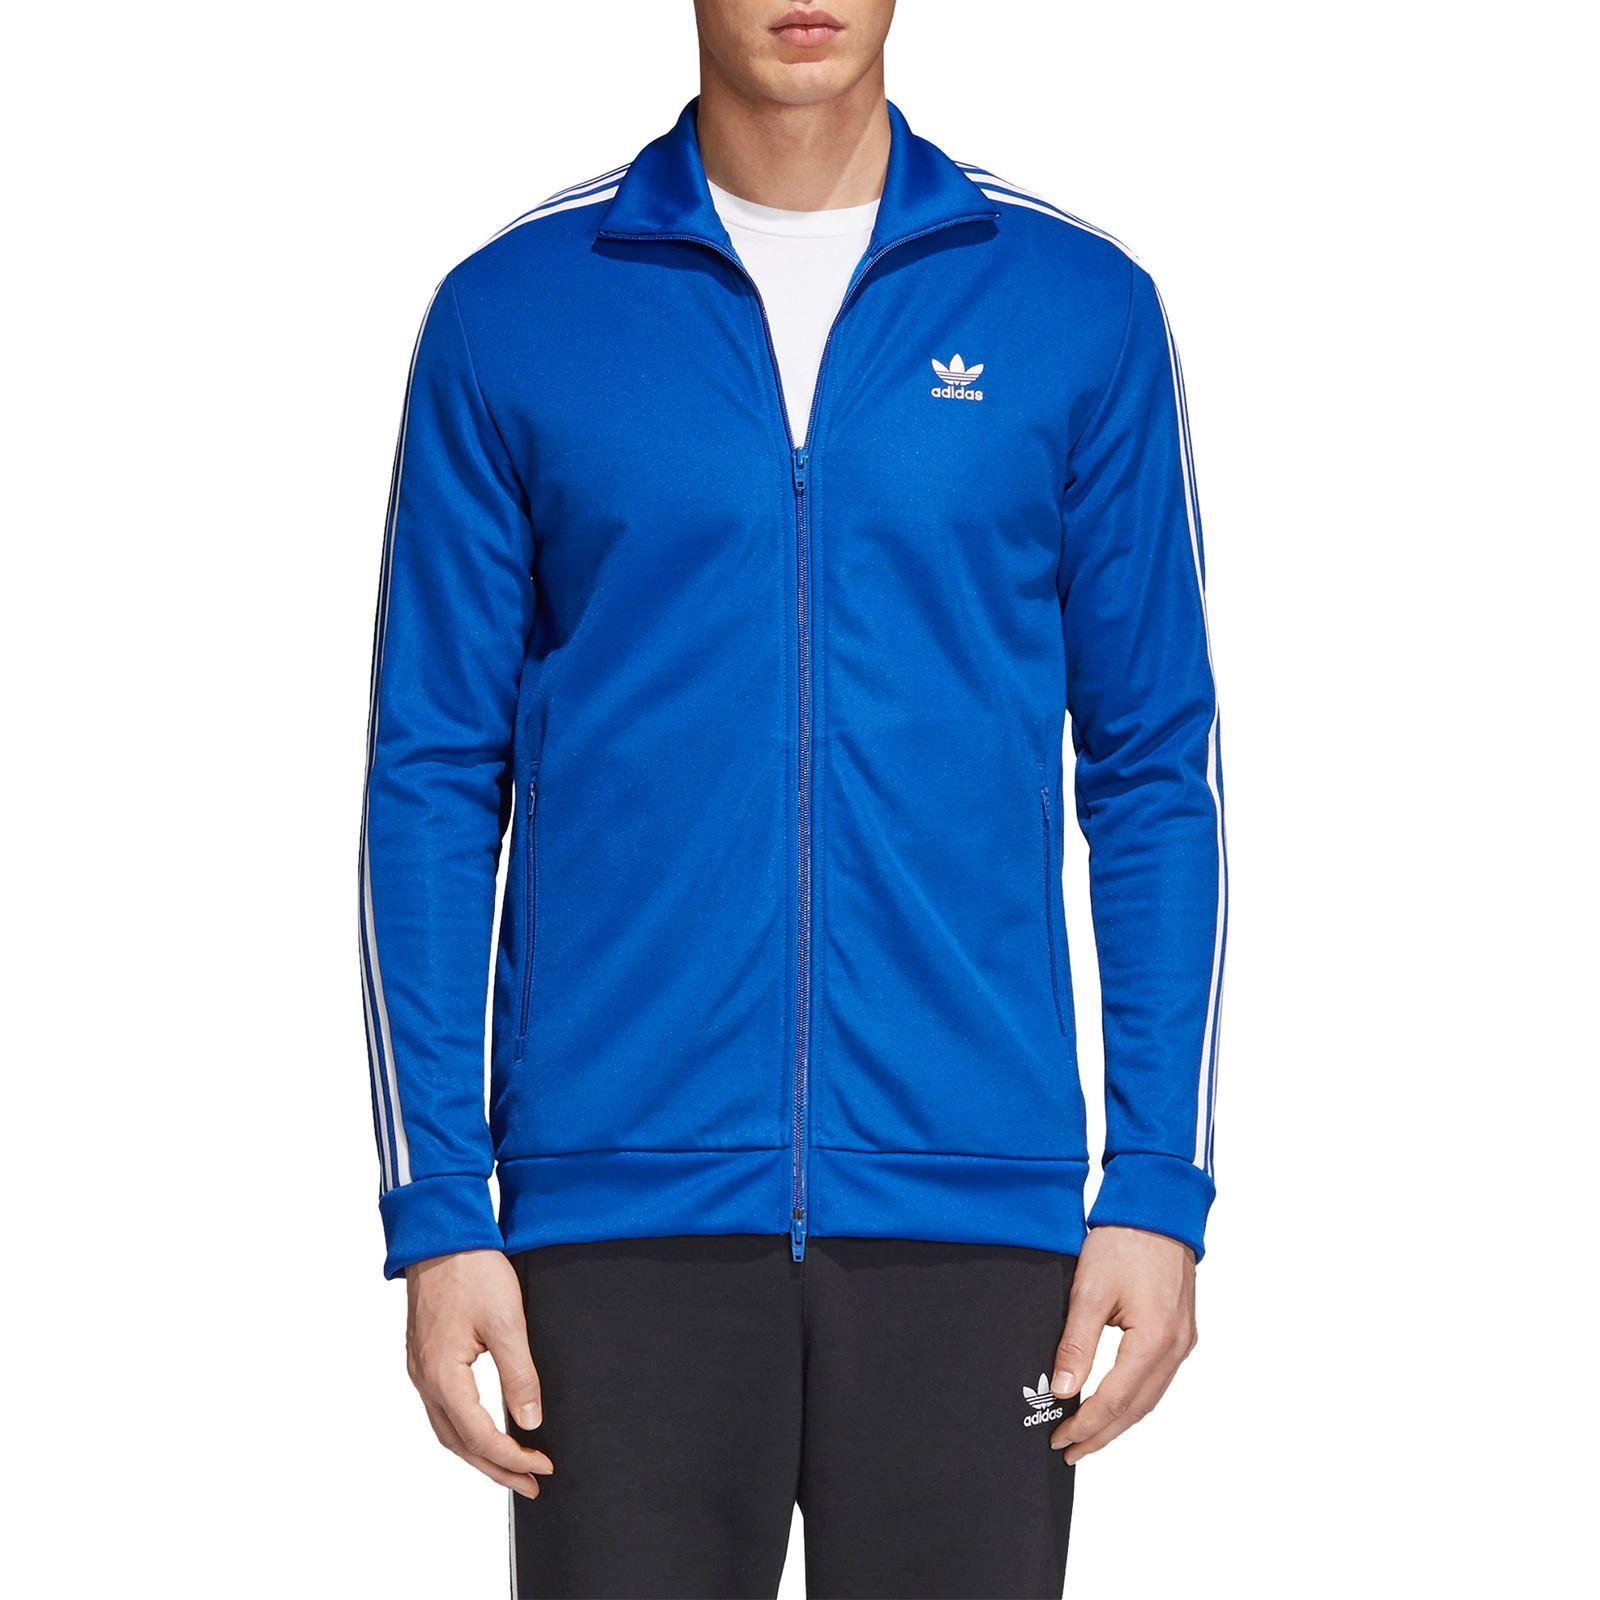 Adidas Originals Beckenbauer Veste de survêtement bleu pas